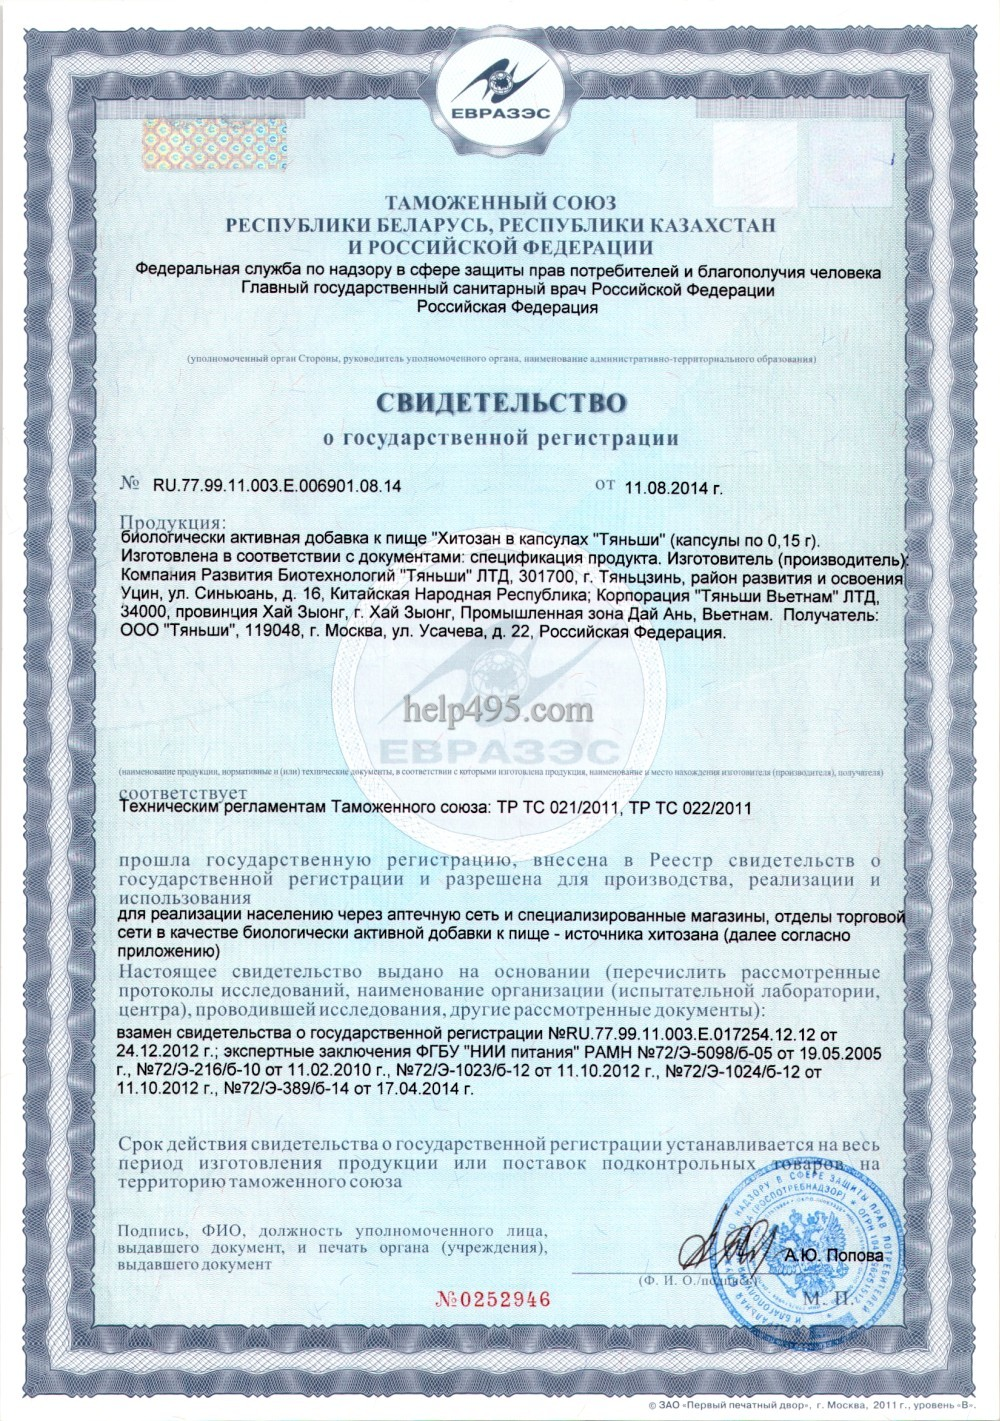 1-ая стр. сертификата Хитозан в капсулах